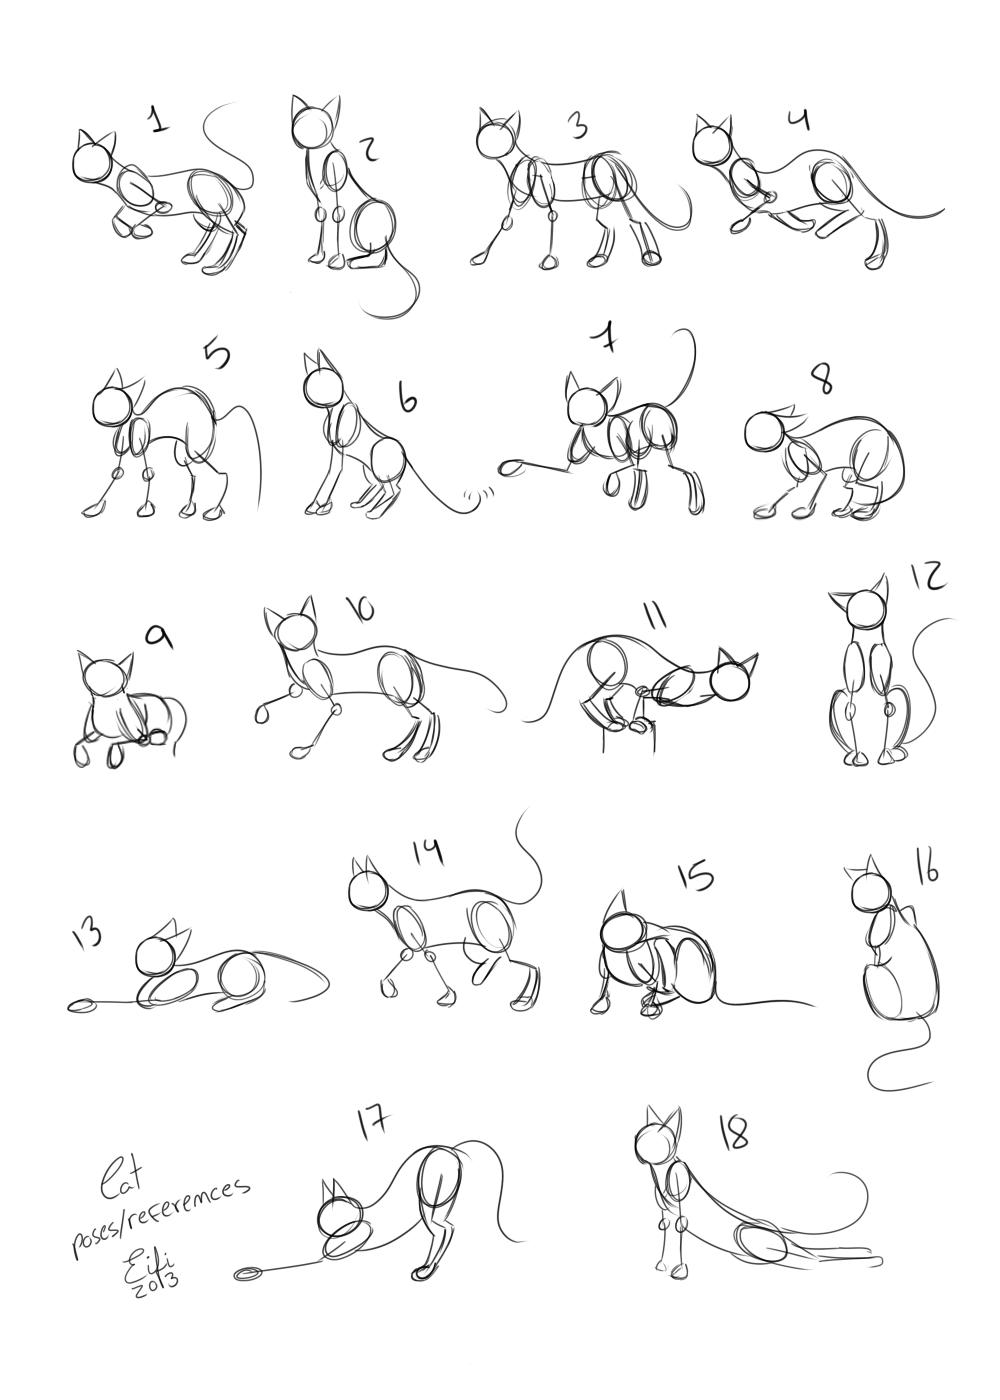 Poses de gatos u pinteresu